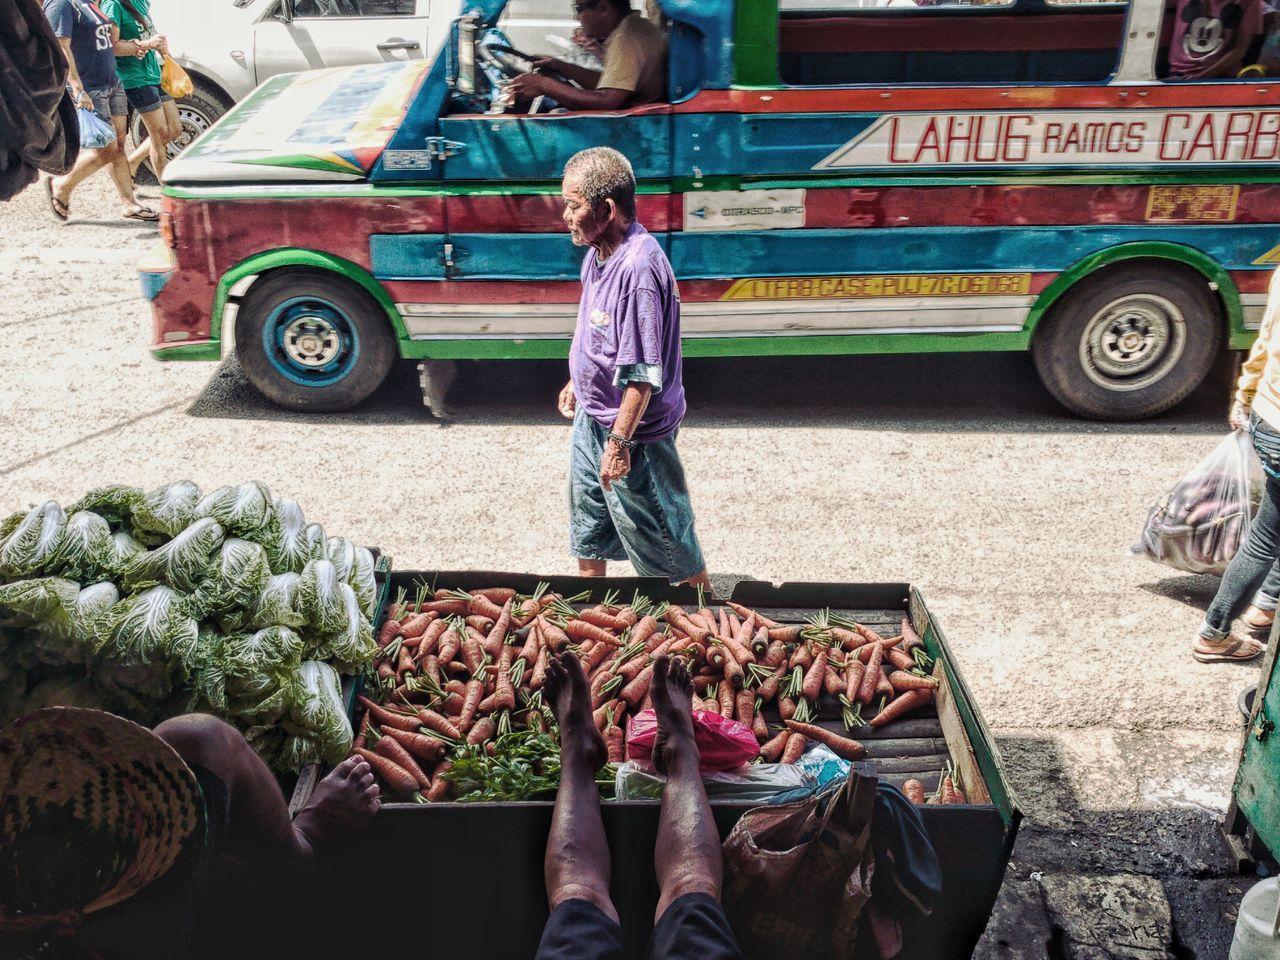 EyeEmPHLaborDay2017 Carbon Market, Cebu Livelihood Oo DualLens HuaweiP9 Working Labor Day Streetphotography Street Art Street Photography Streetlife Market EyeemPhilippines Street Life